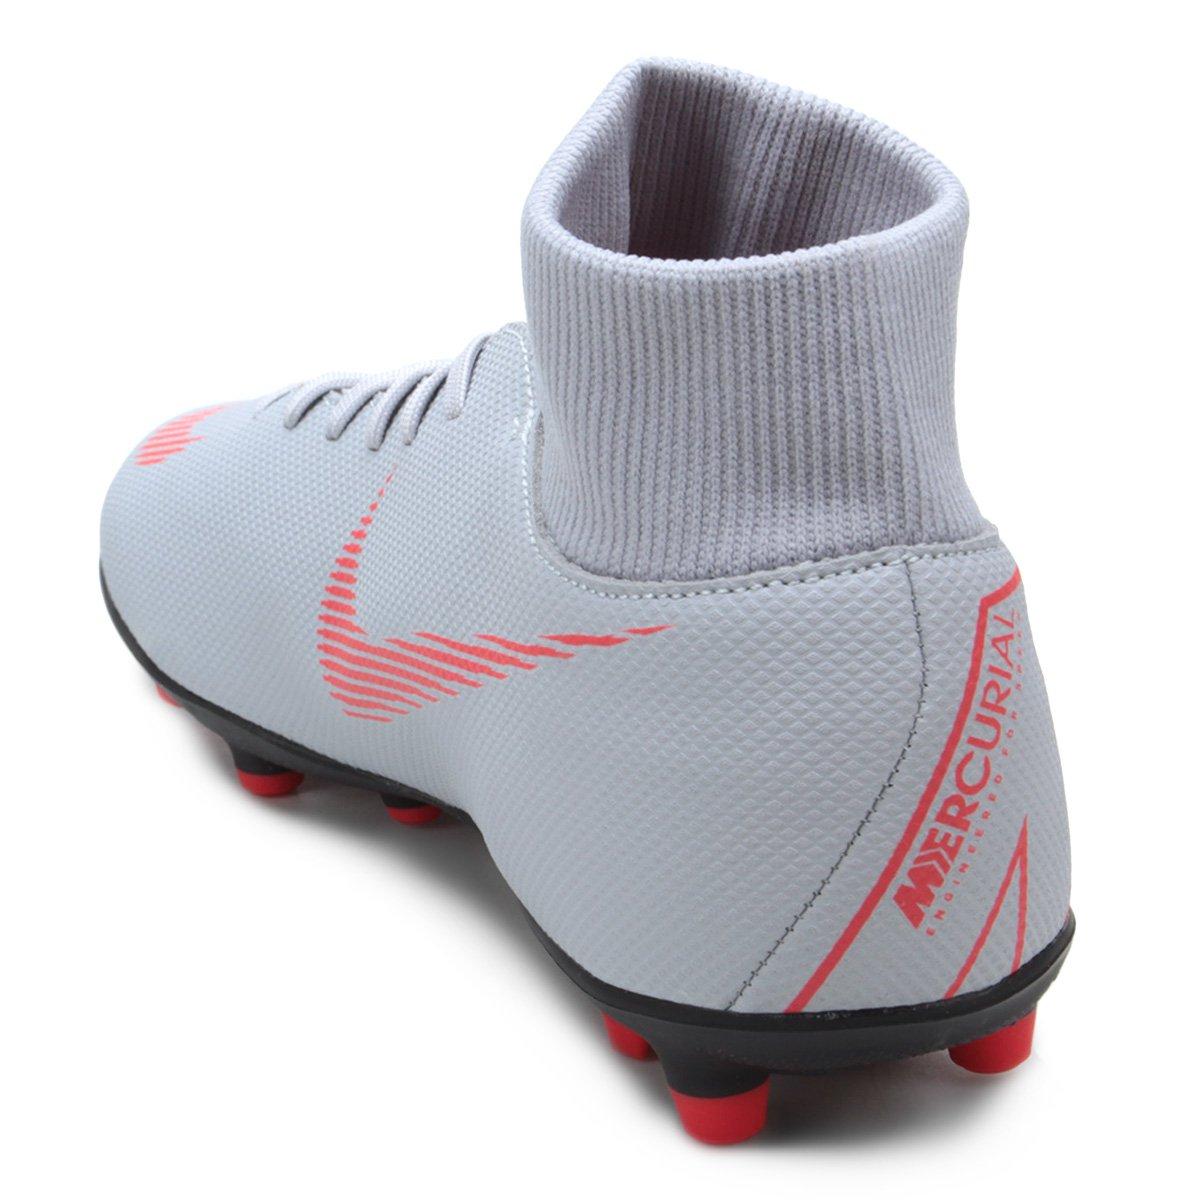 Chuteira Campo Nike Mercurial Superfly 6 Club - Cinza e Preto ... bd74543e1546e